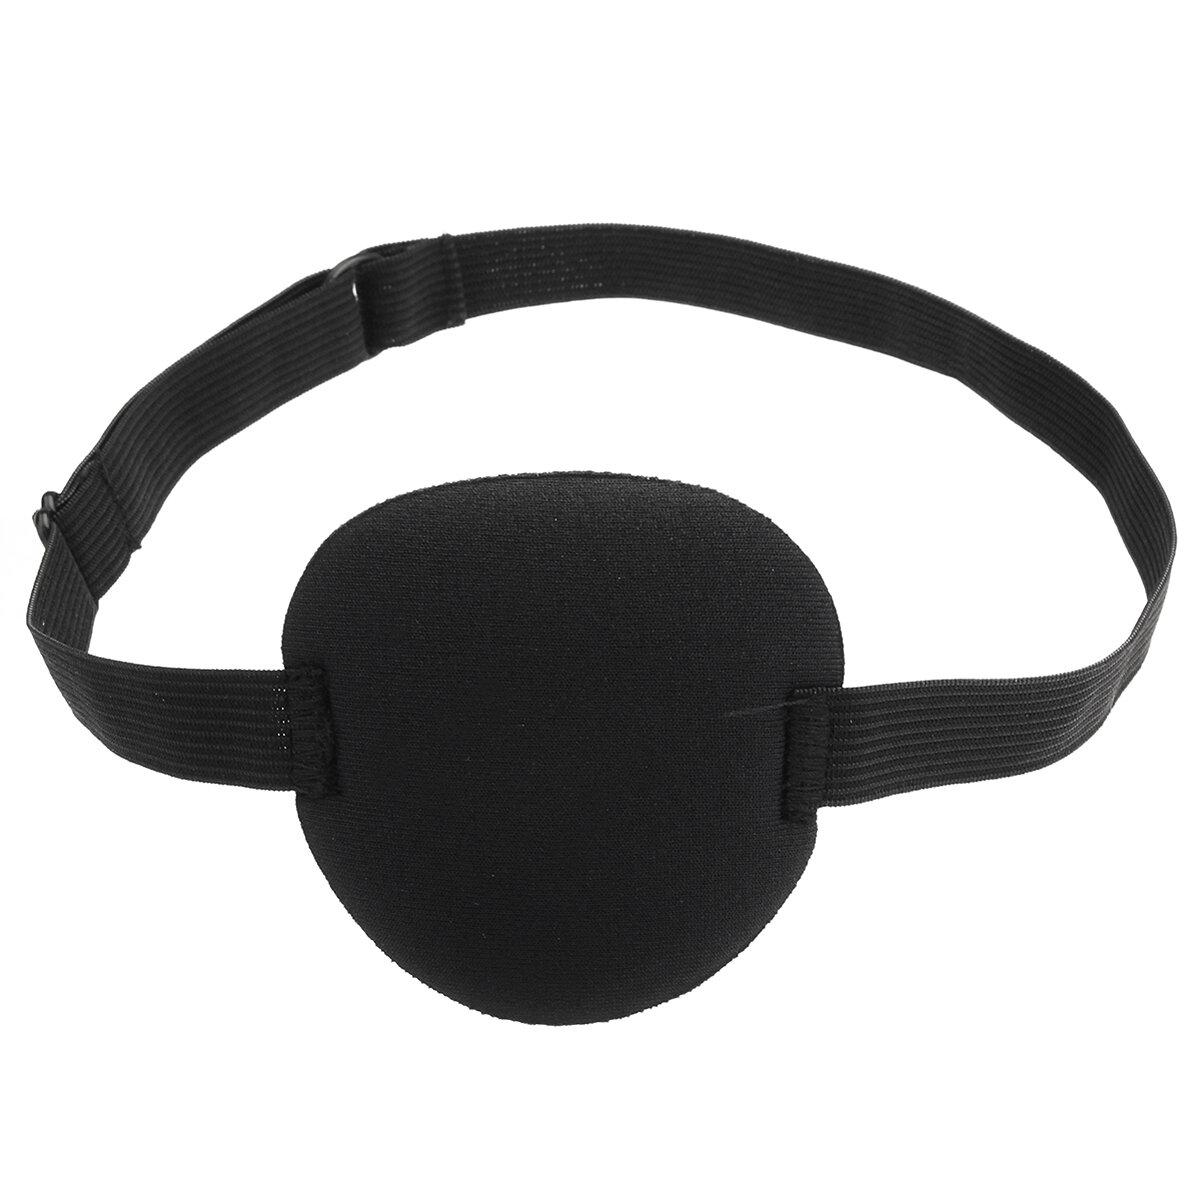 Вогнутый глаз патч Groove Washable Eyeshades с регулируемым ремешком для детей / Для взрослых